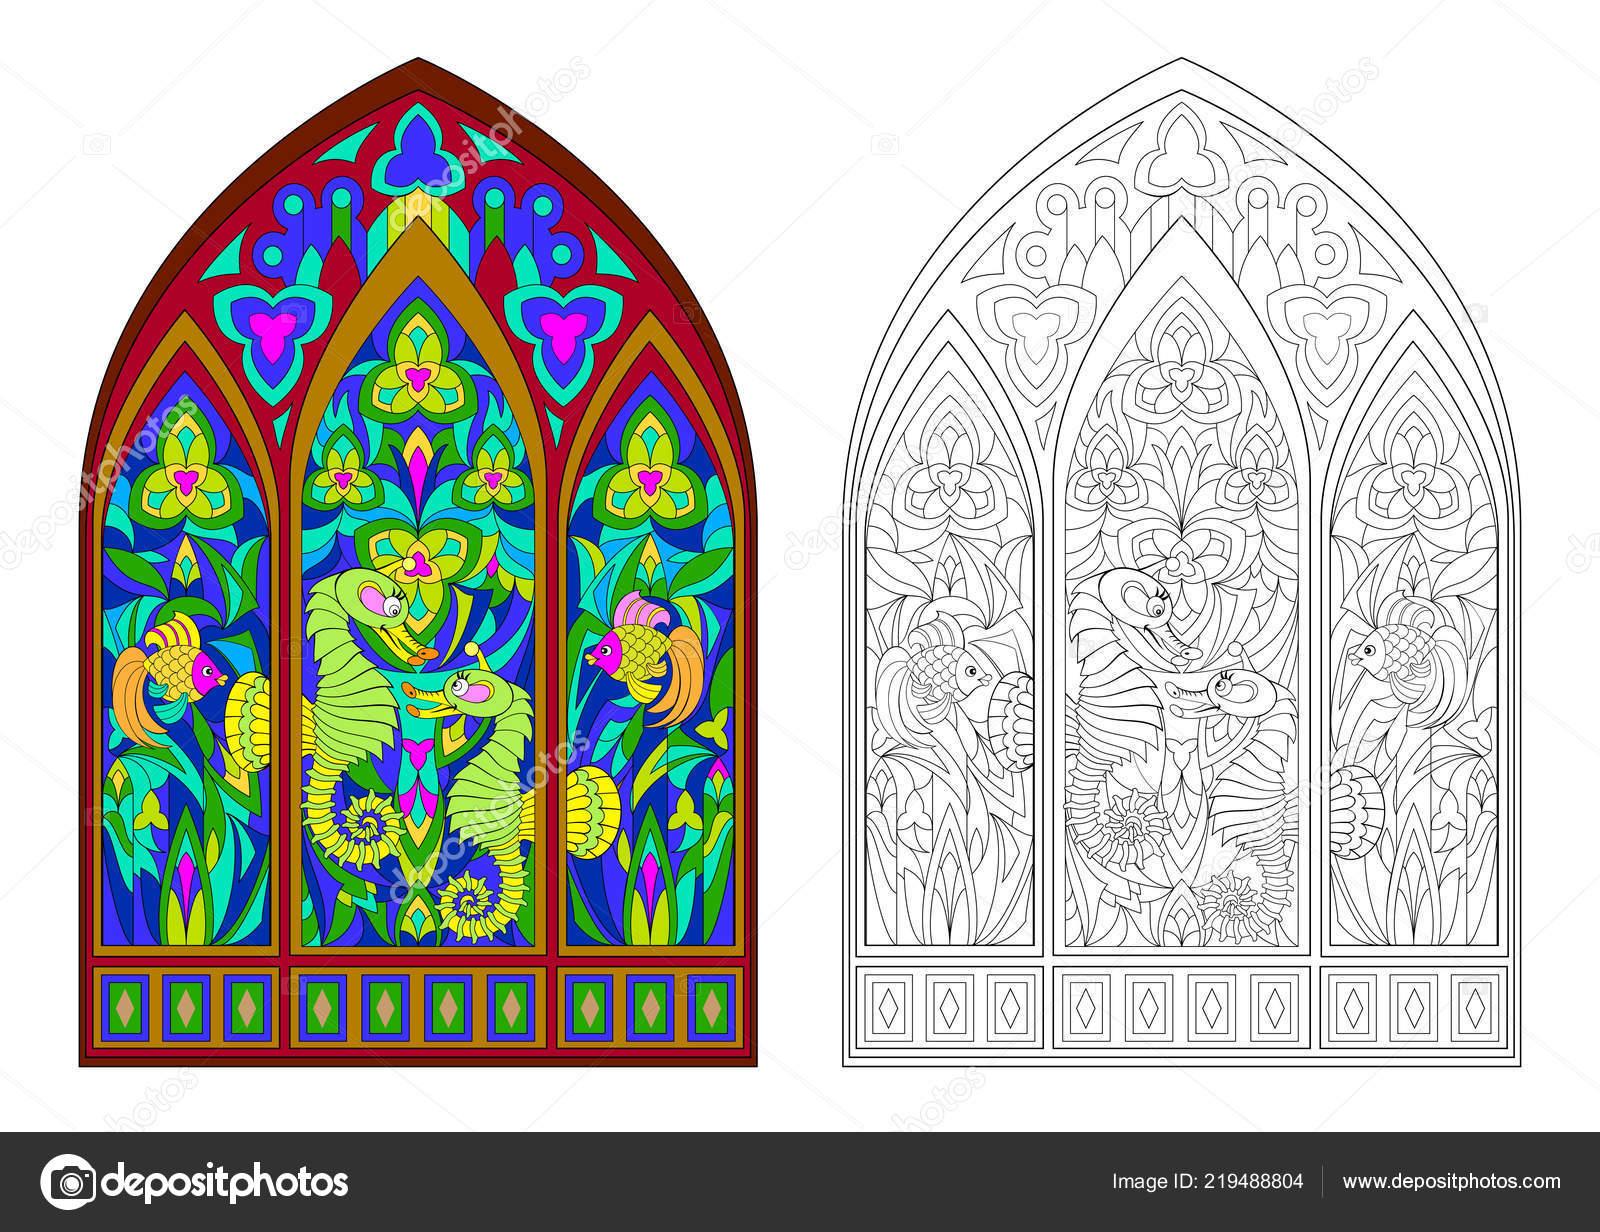 Gothic Vitray Pencere Güzel Sualtı Canlıları Ile Renkli Siyah Beyaz